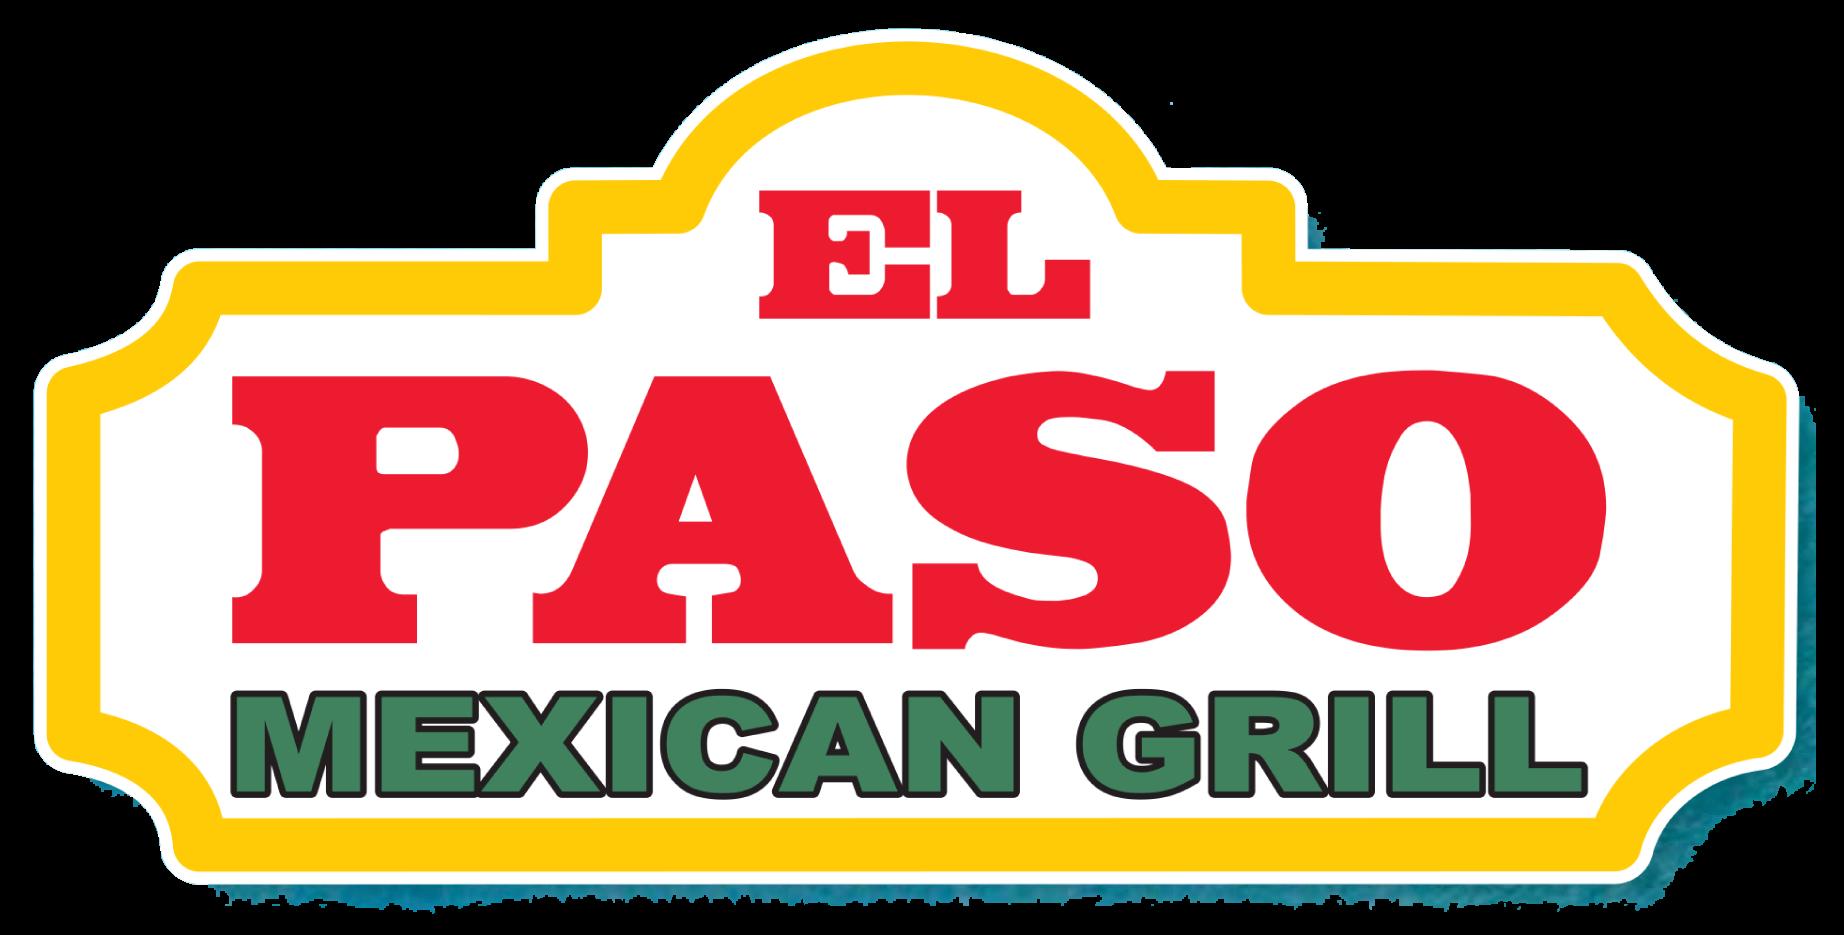 El Paso Mex - Thibodaux Home